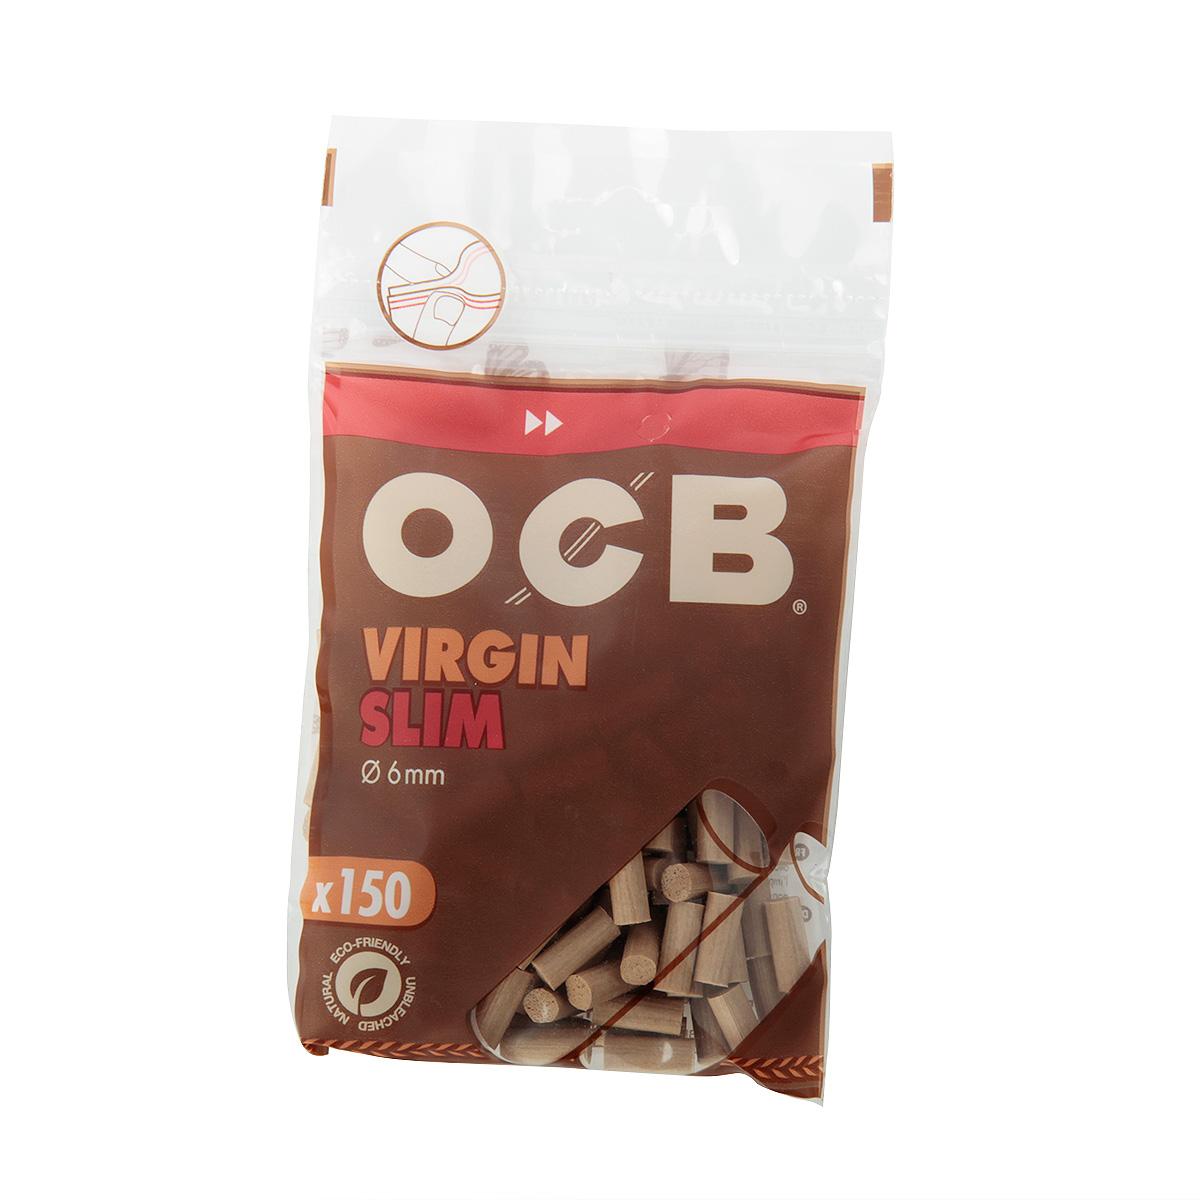 فیلتر سیگار دست پیچ اسلیم 150 عددی OCB Virgin Slim